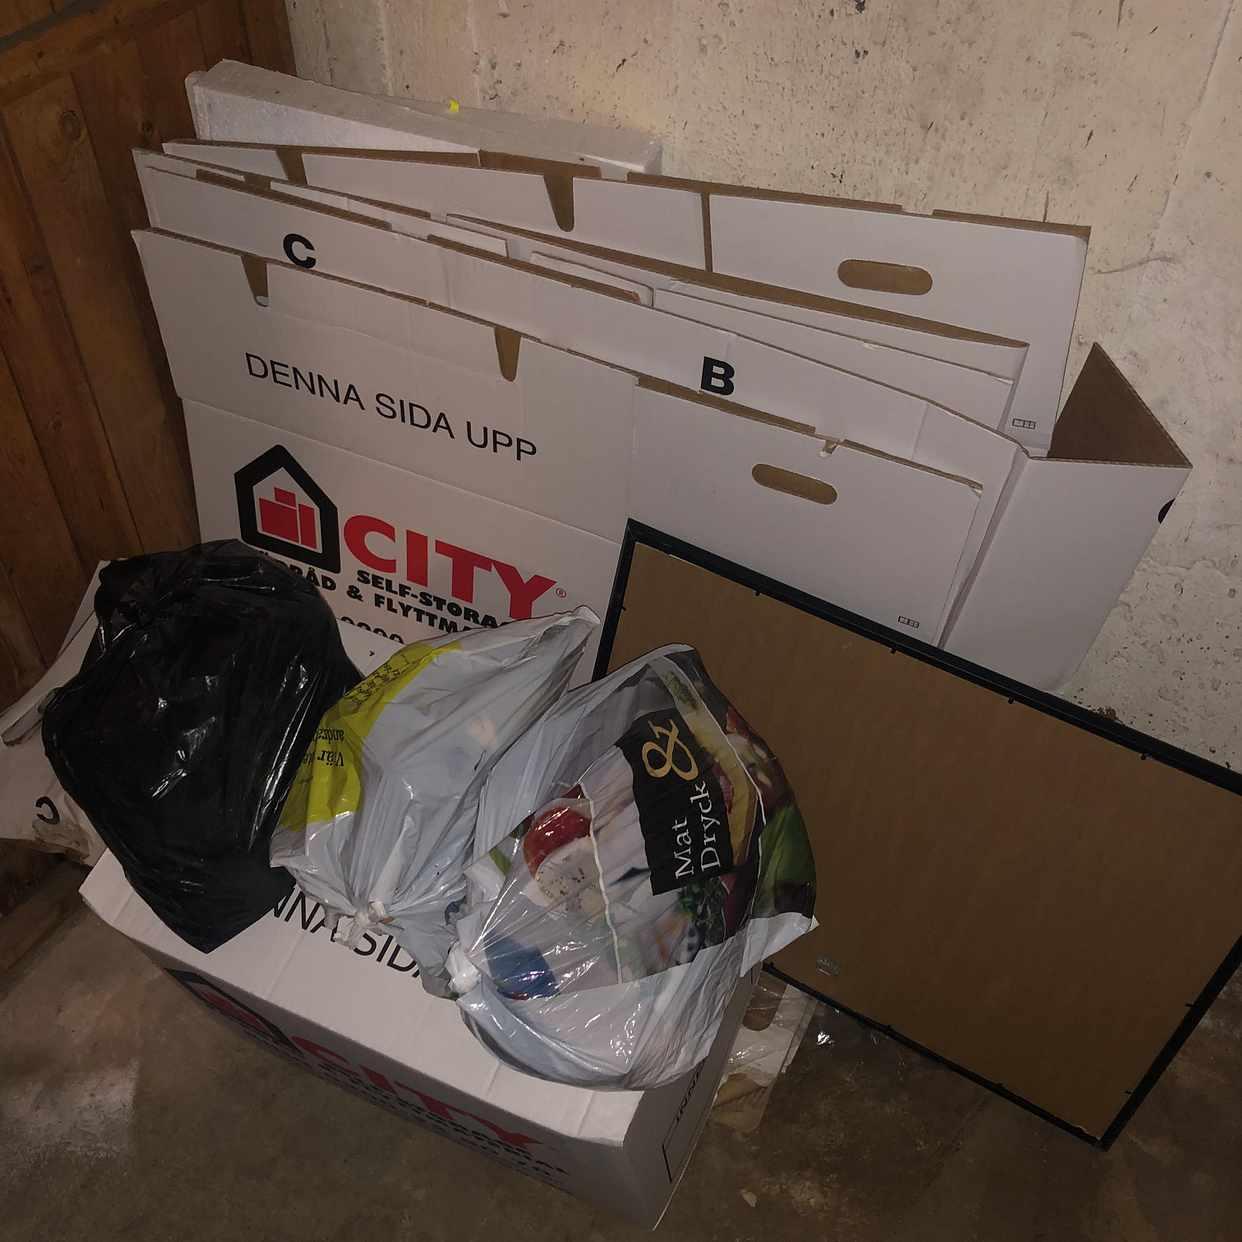 image of låda, kartong och 3 påsar - Årsta